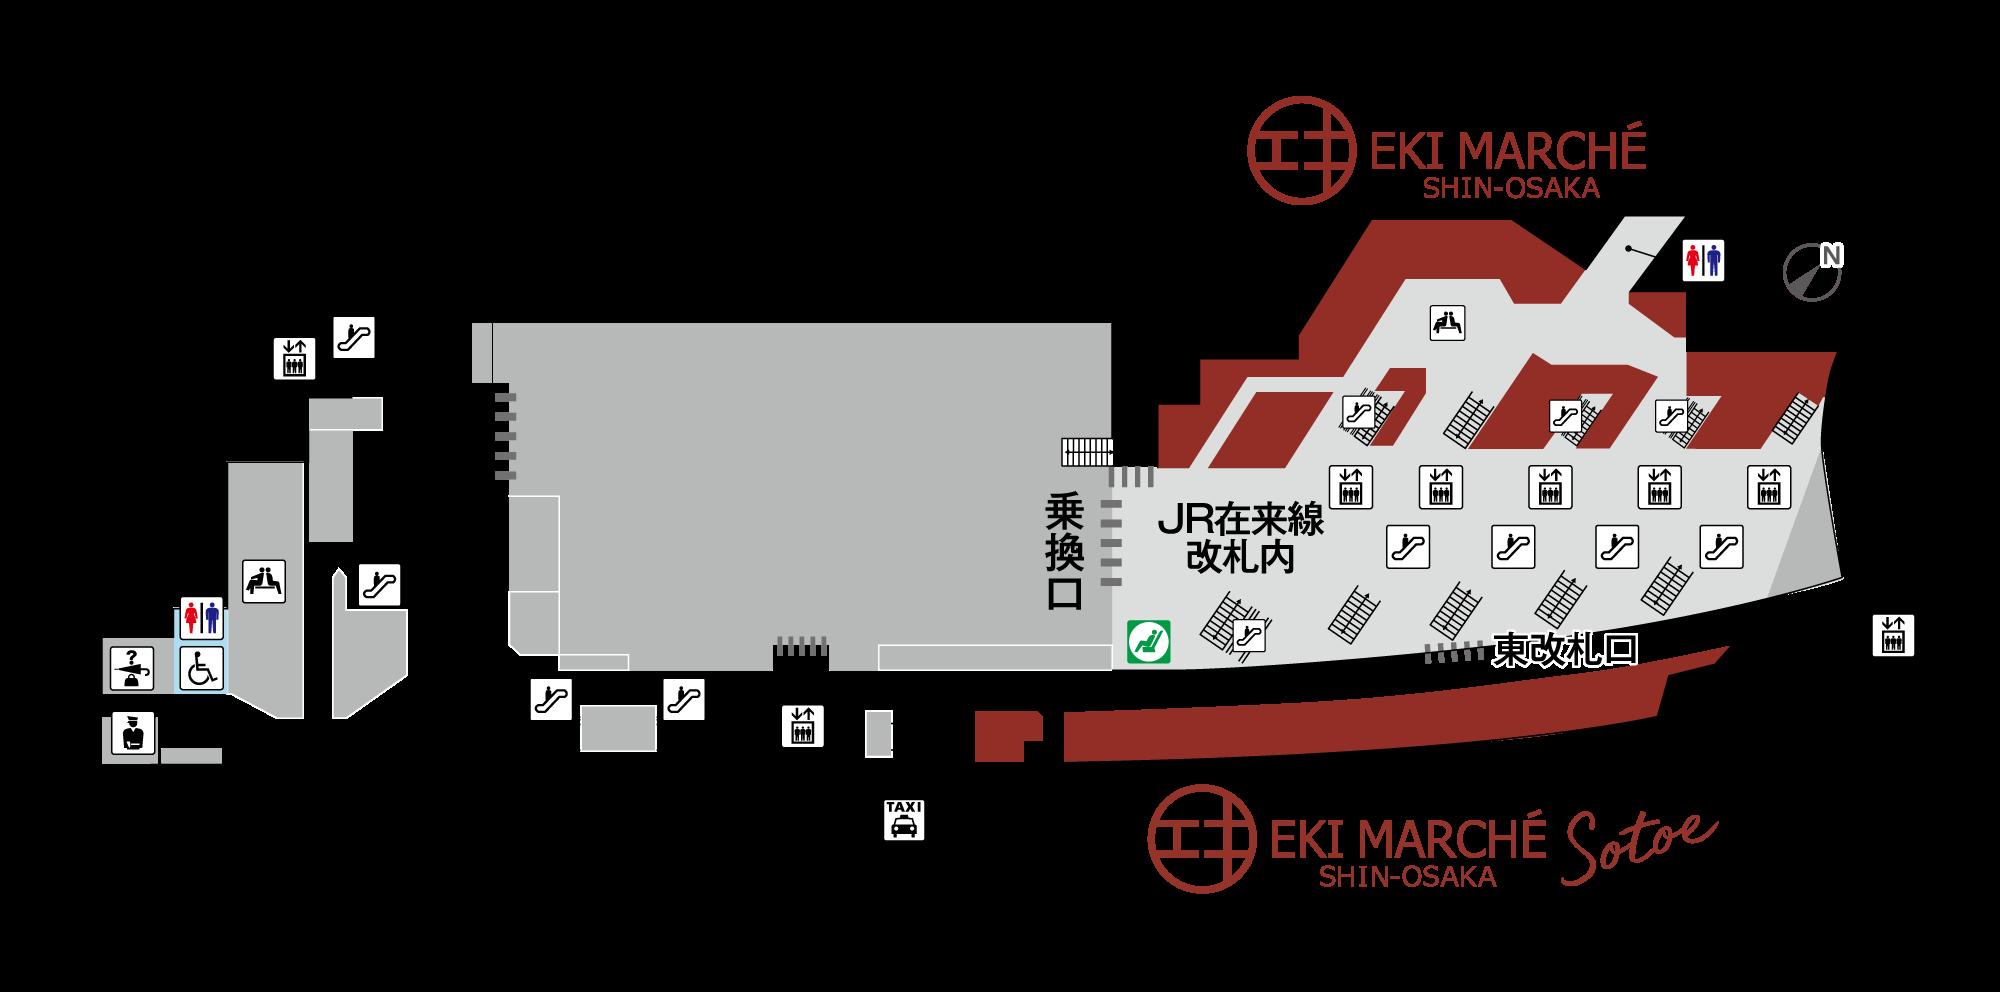 エキマルシェ新大阪地図